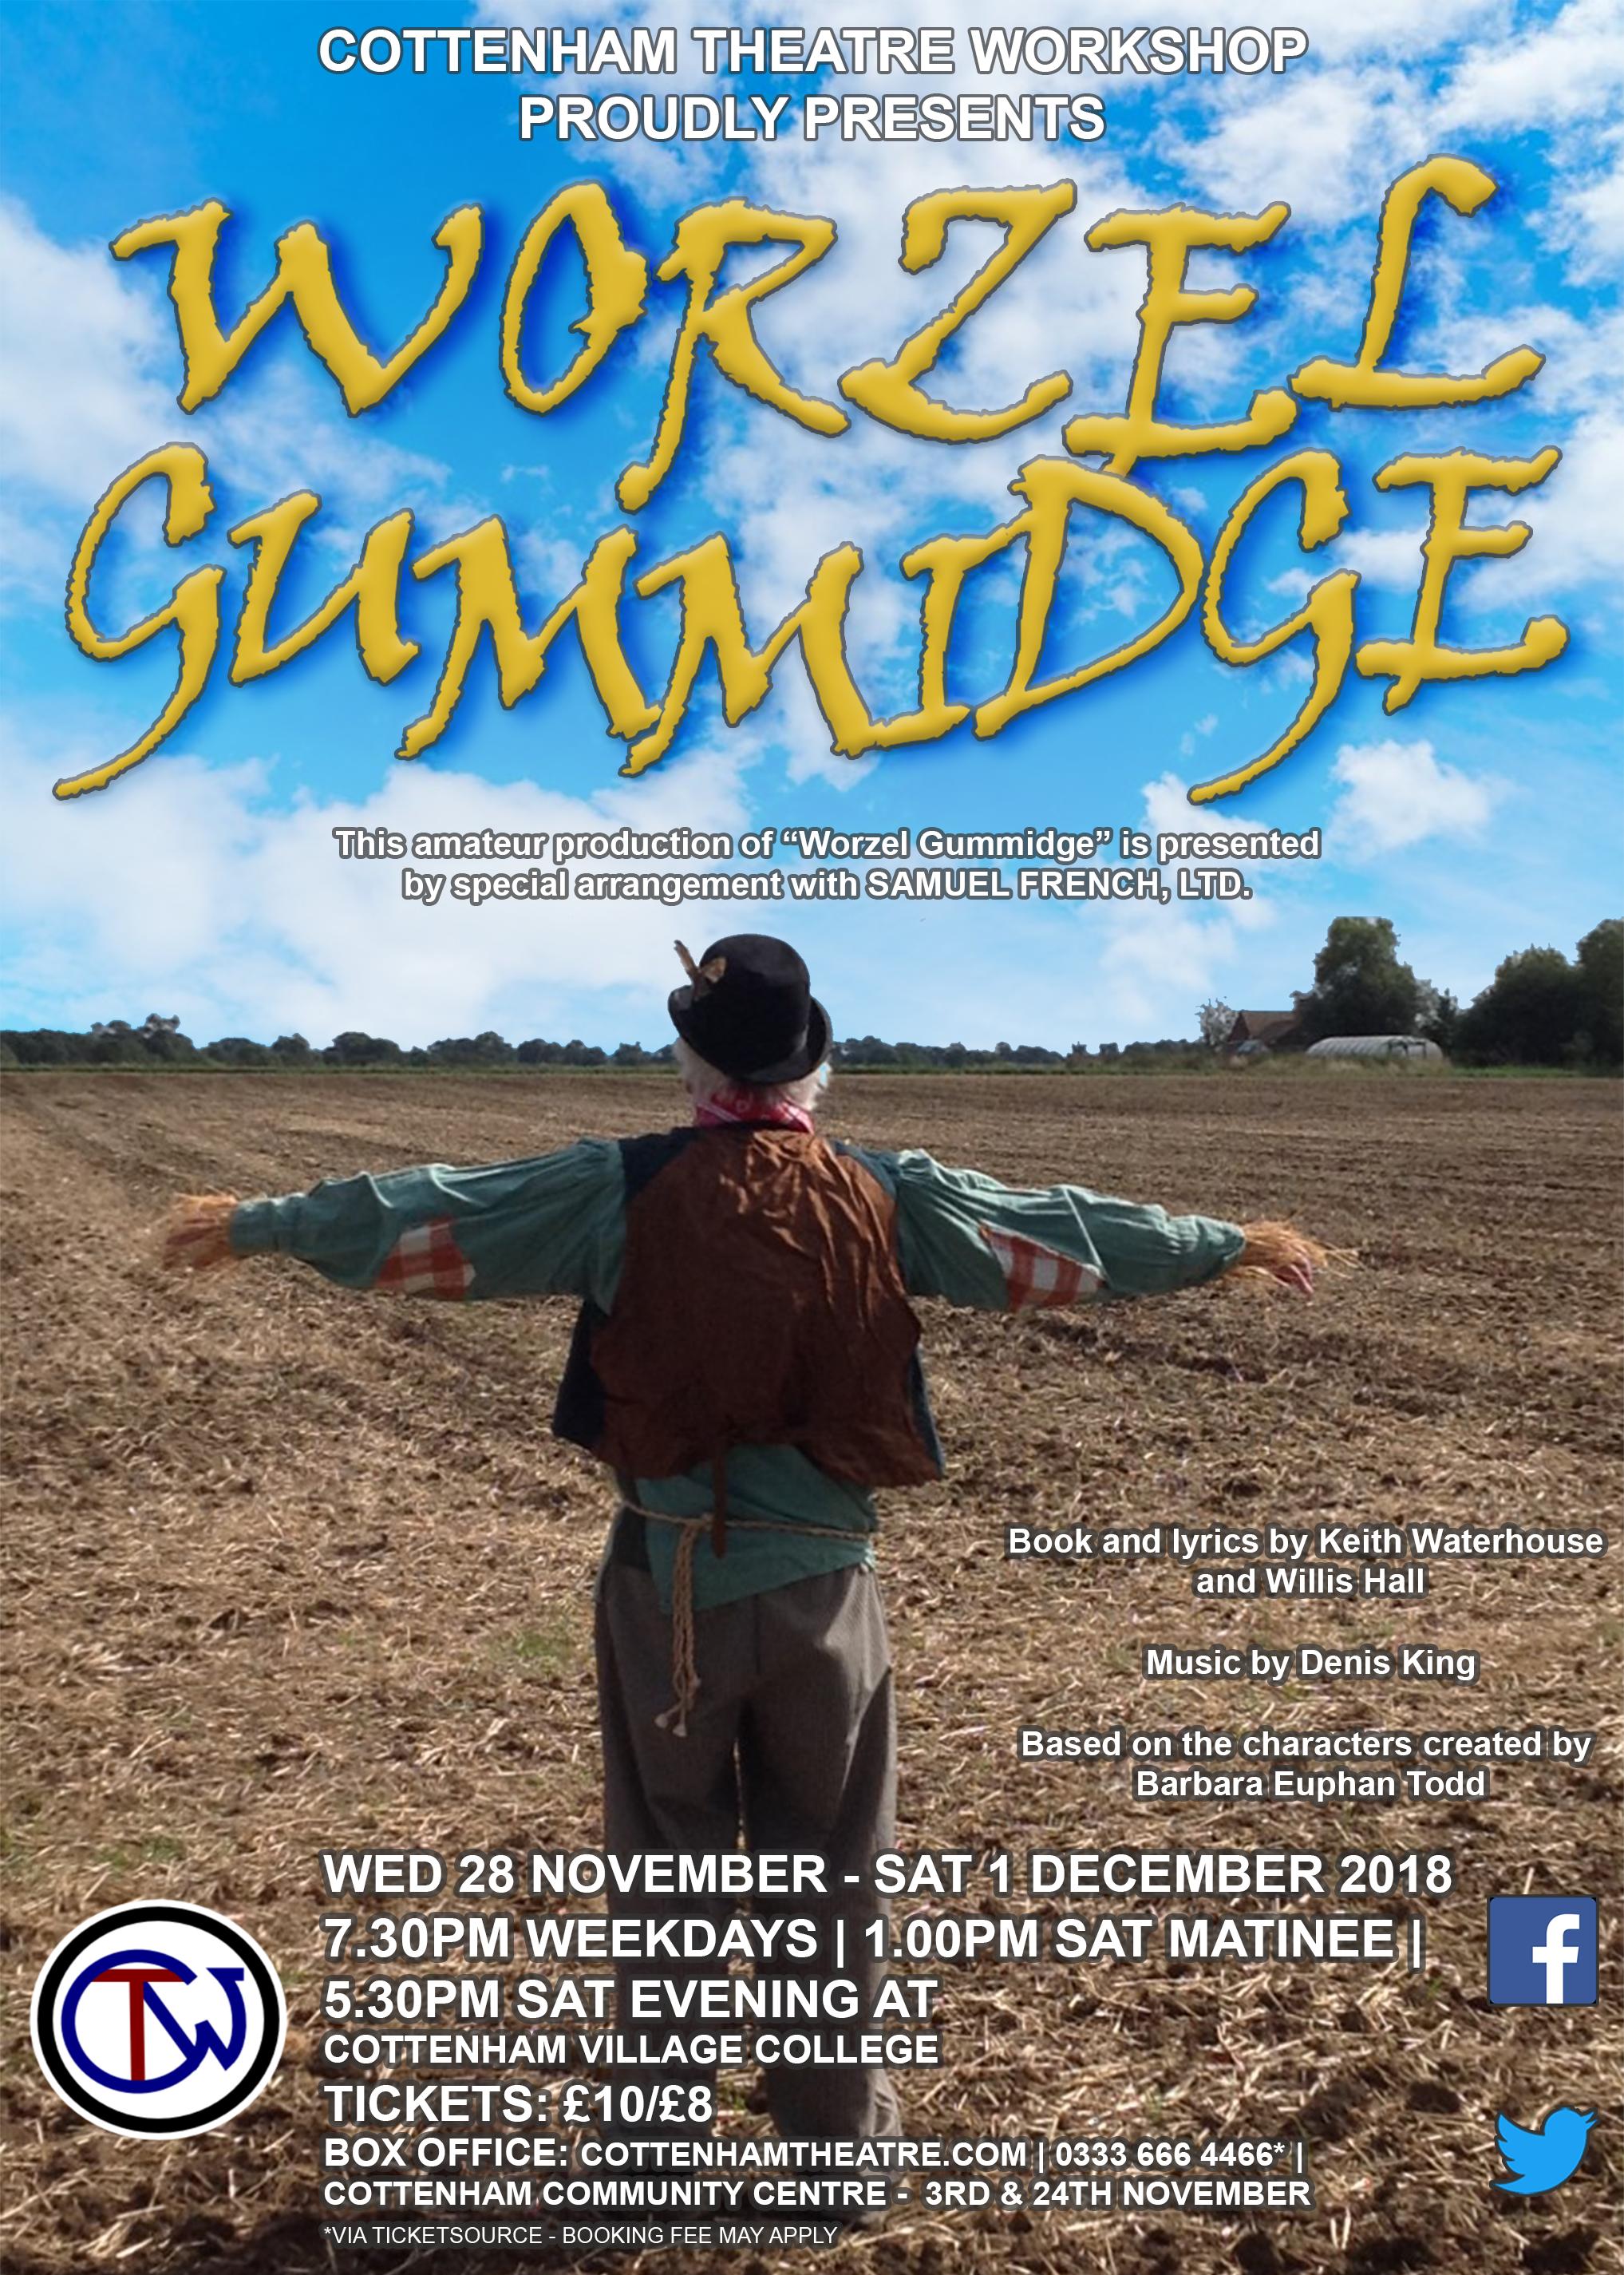 Worzel Gummidge Cottenham Theatre Workshop